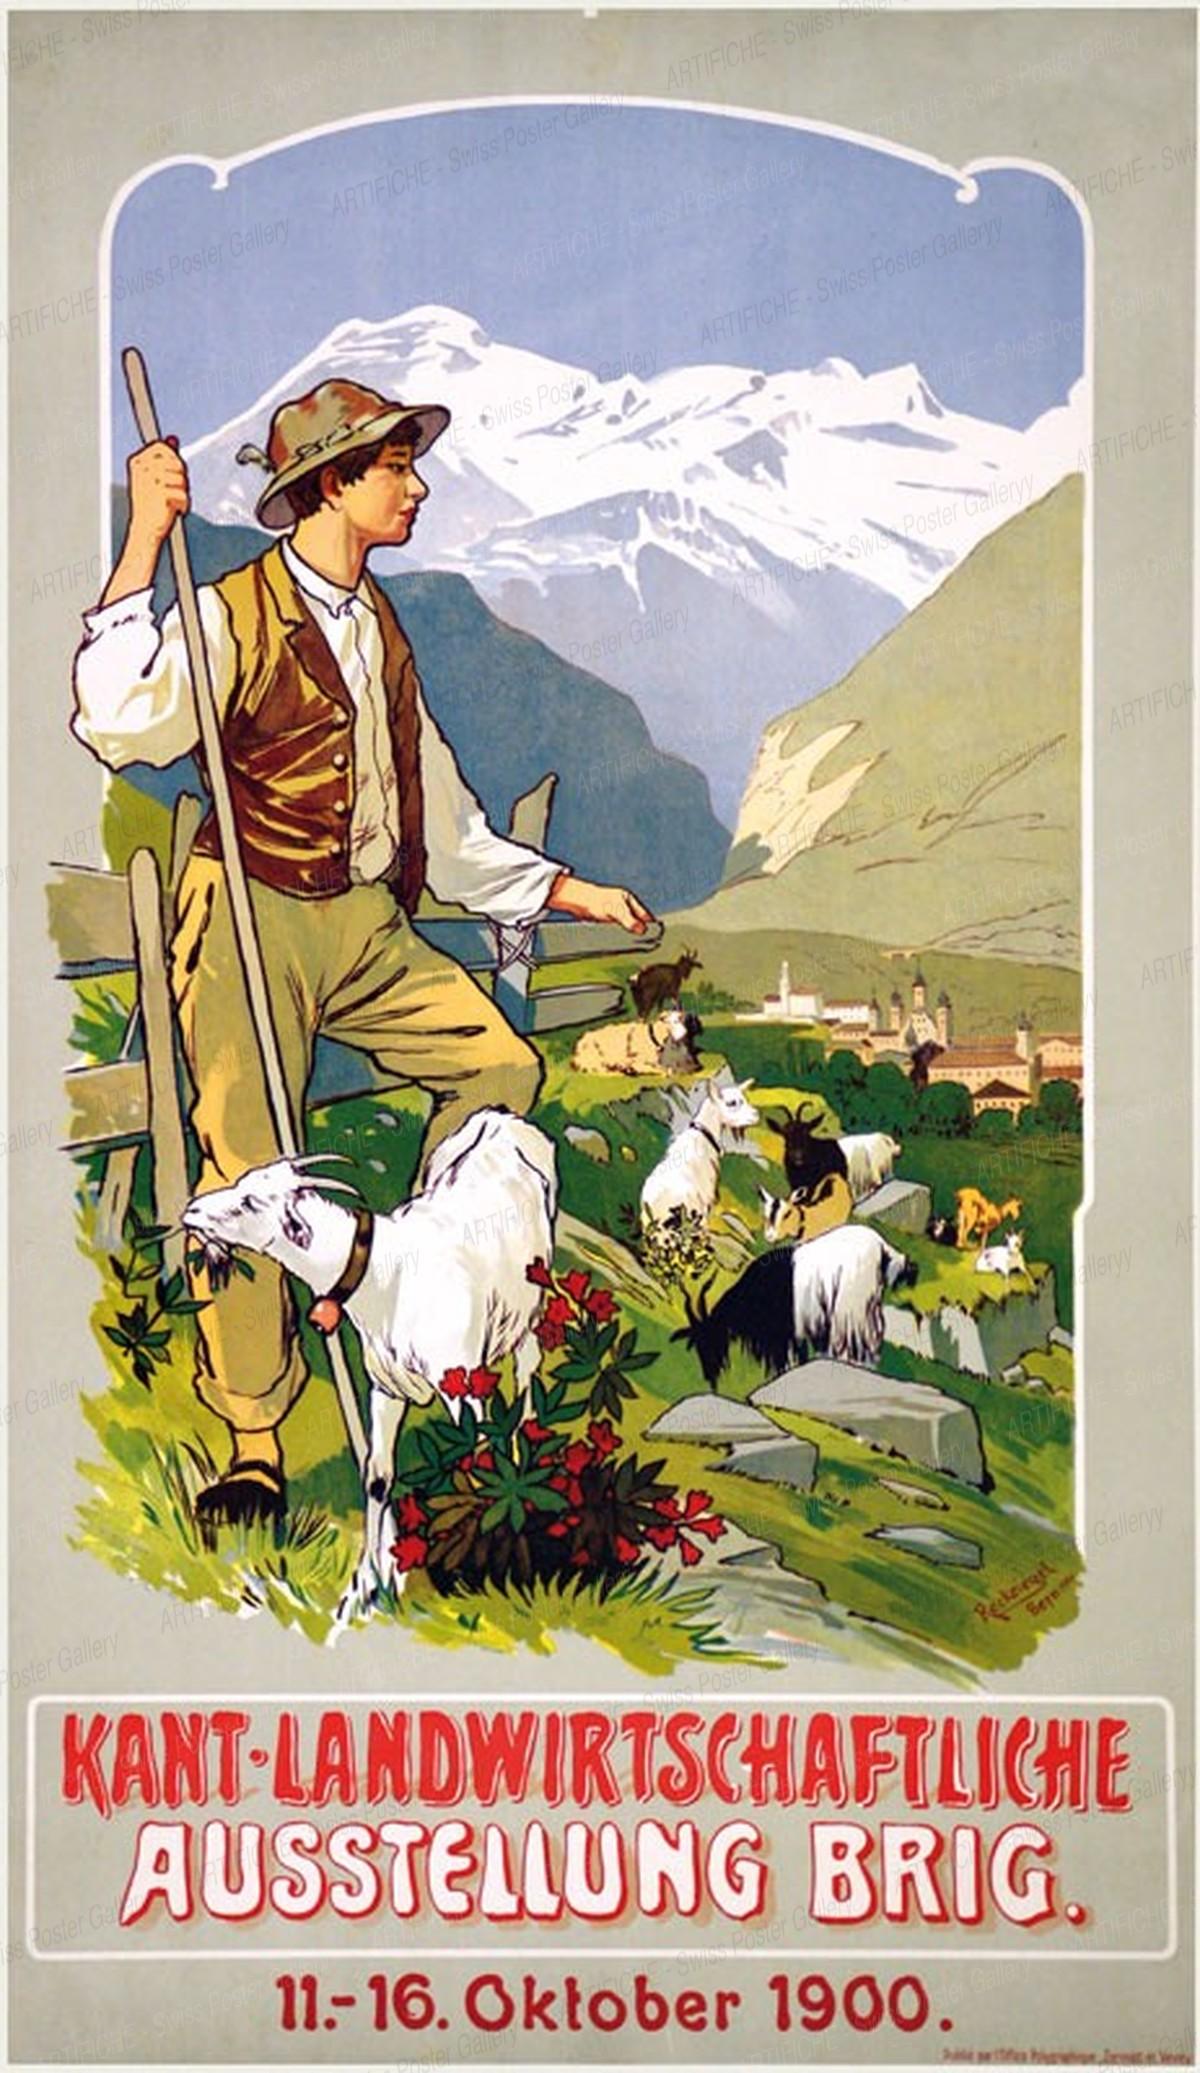 Kant. Landwirtschaftliche Ausstellung Brig, Anton Reckziegel